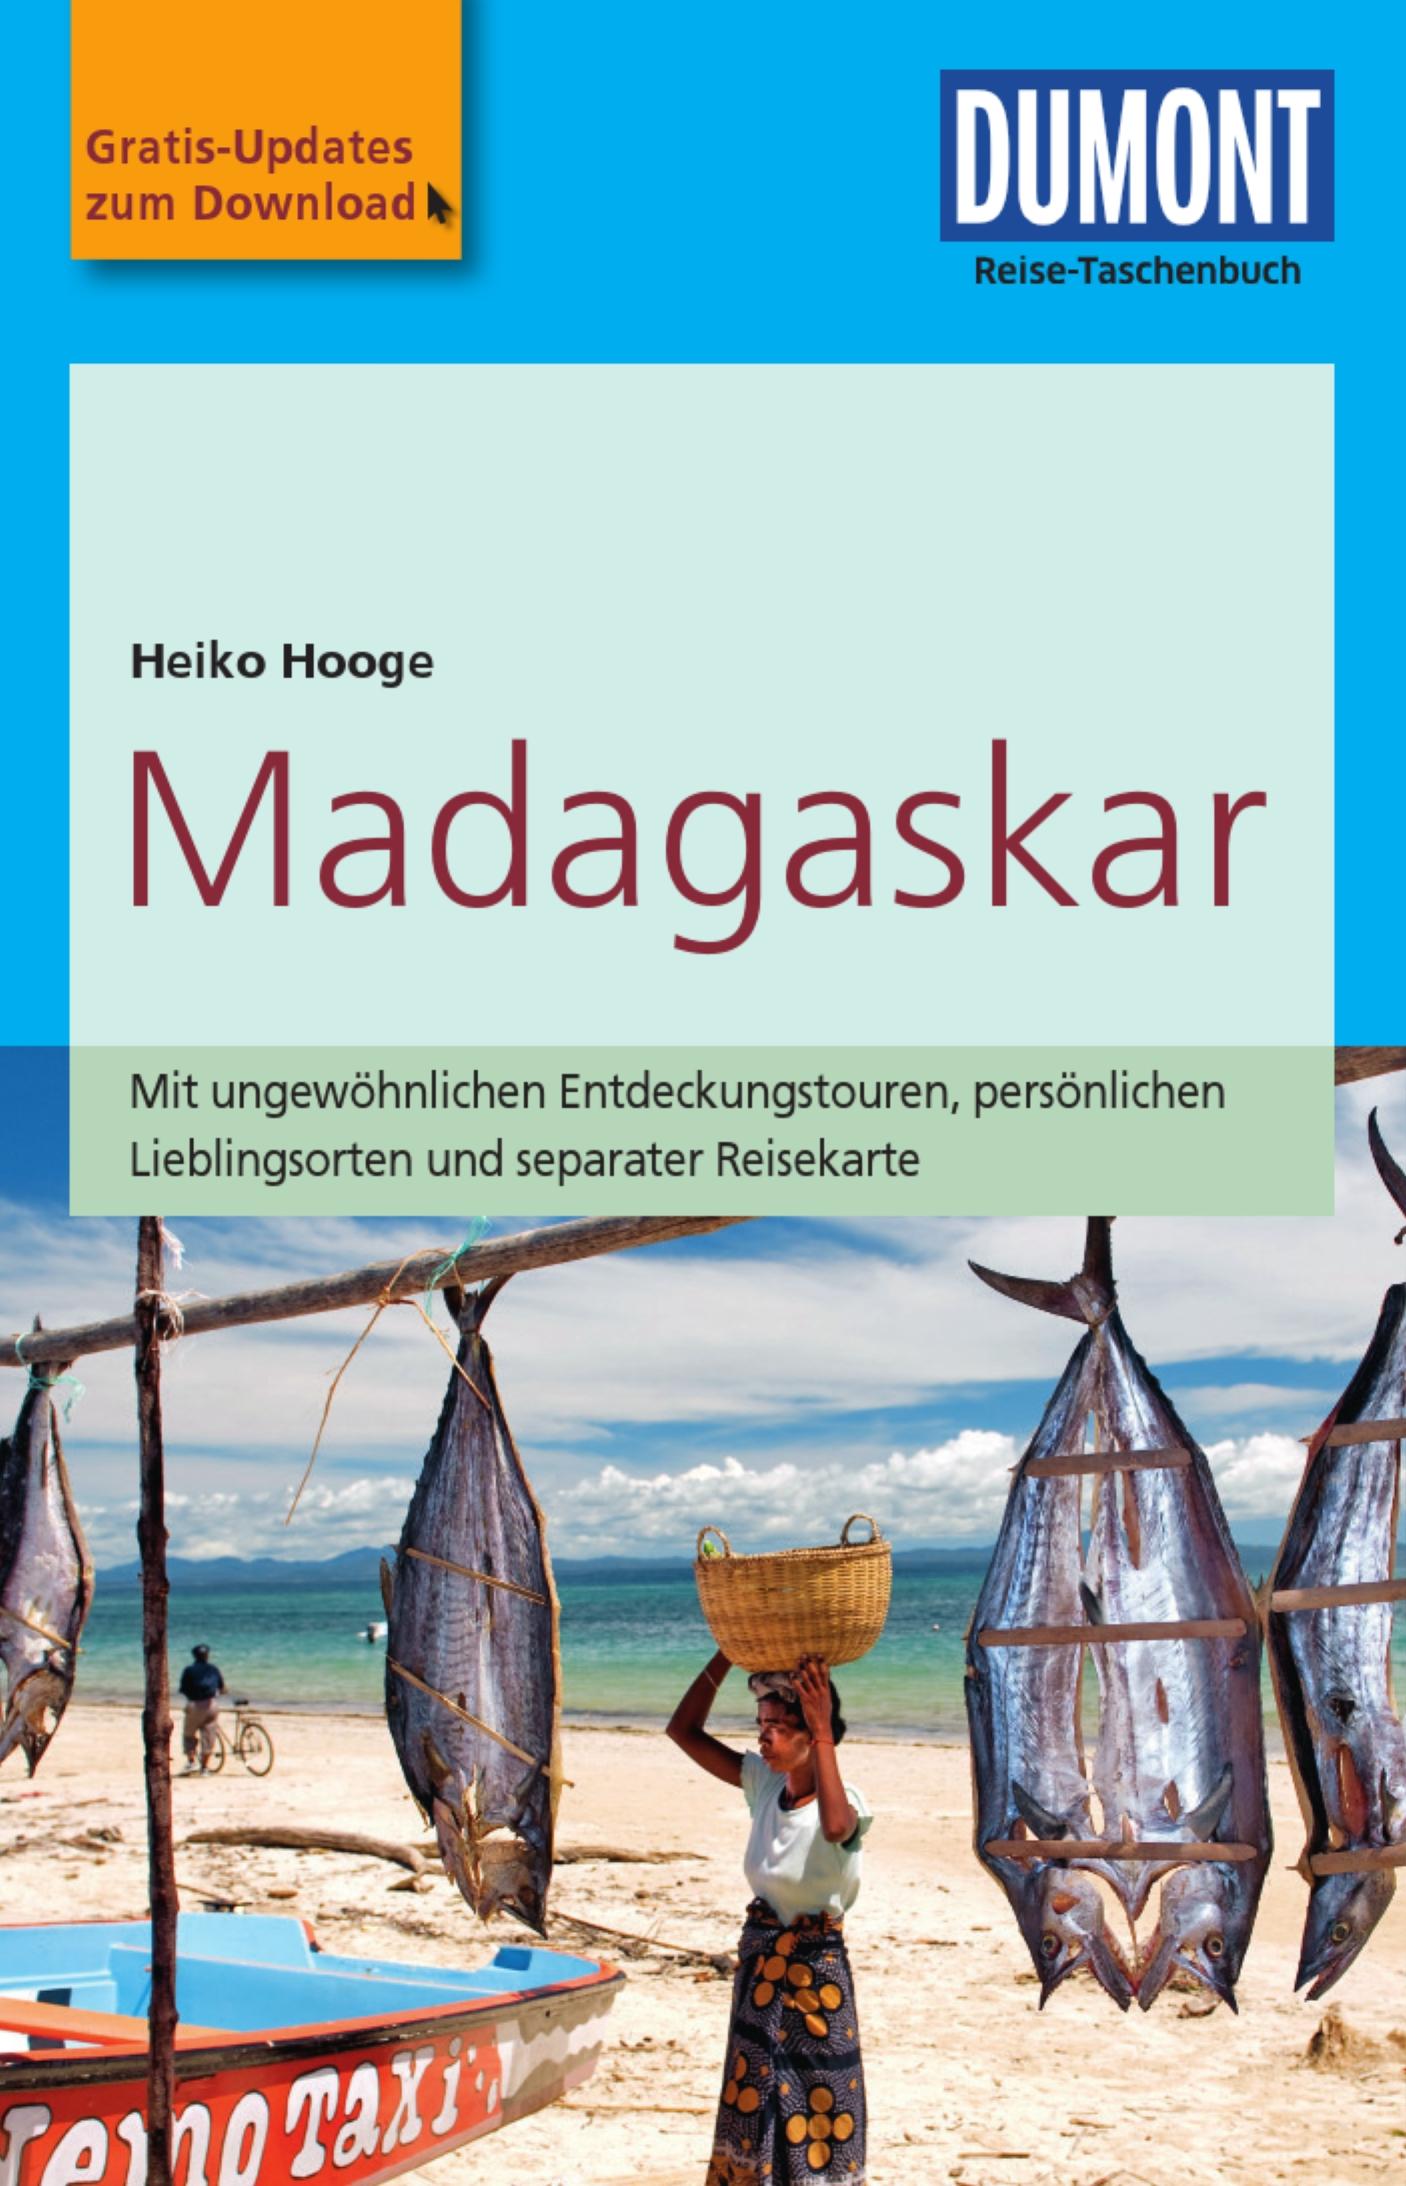 DuMont Reise-Taschenbuch - Madagaskar (Cover)